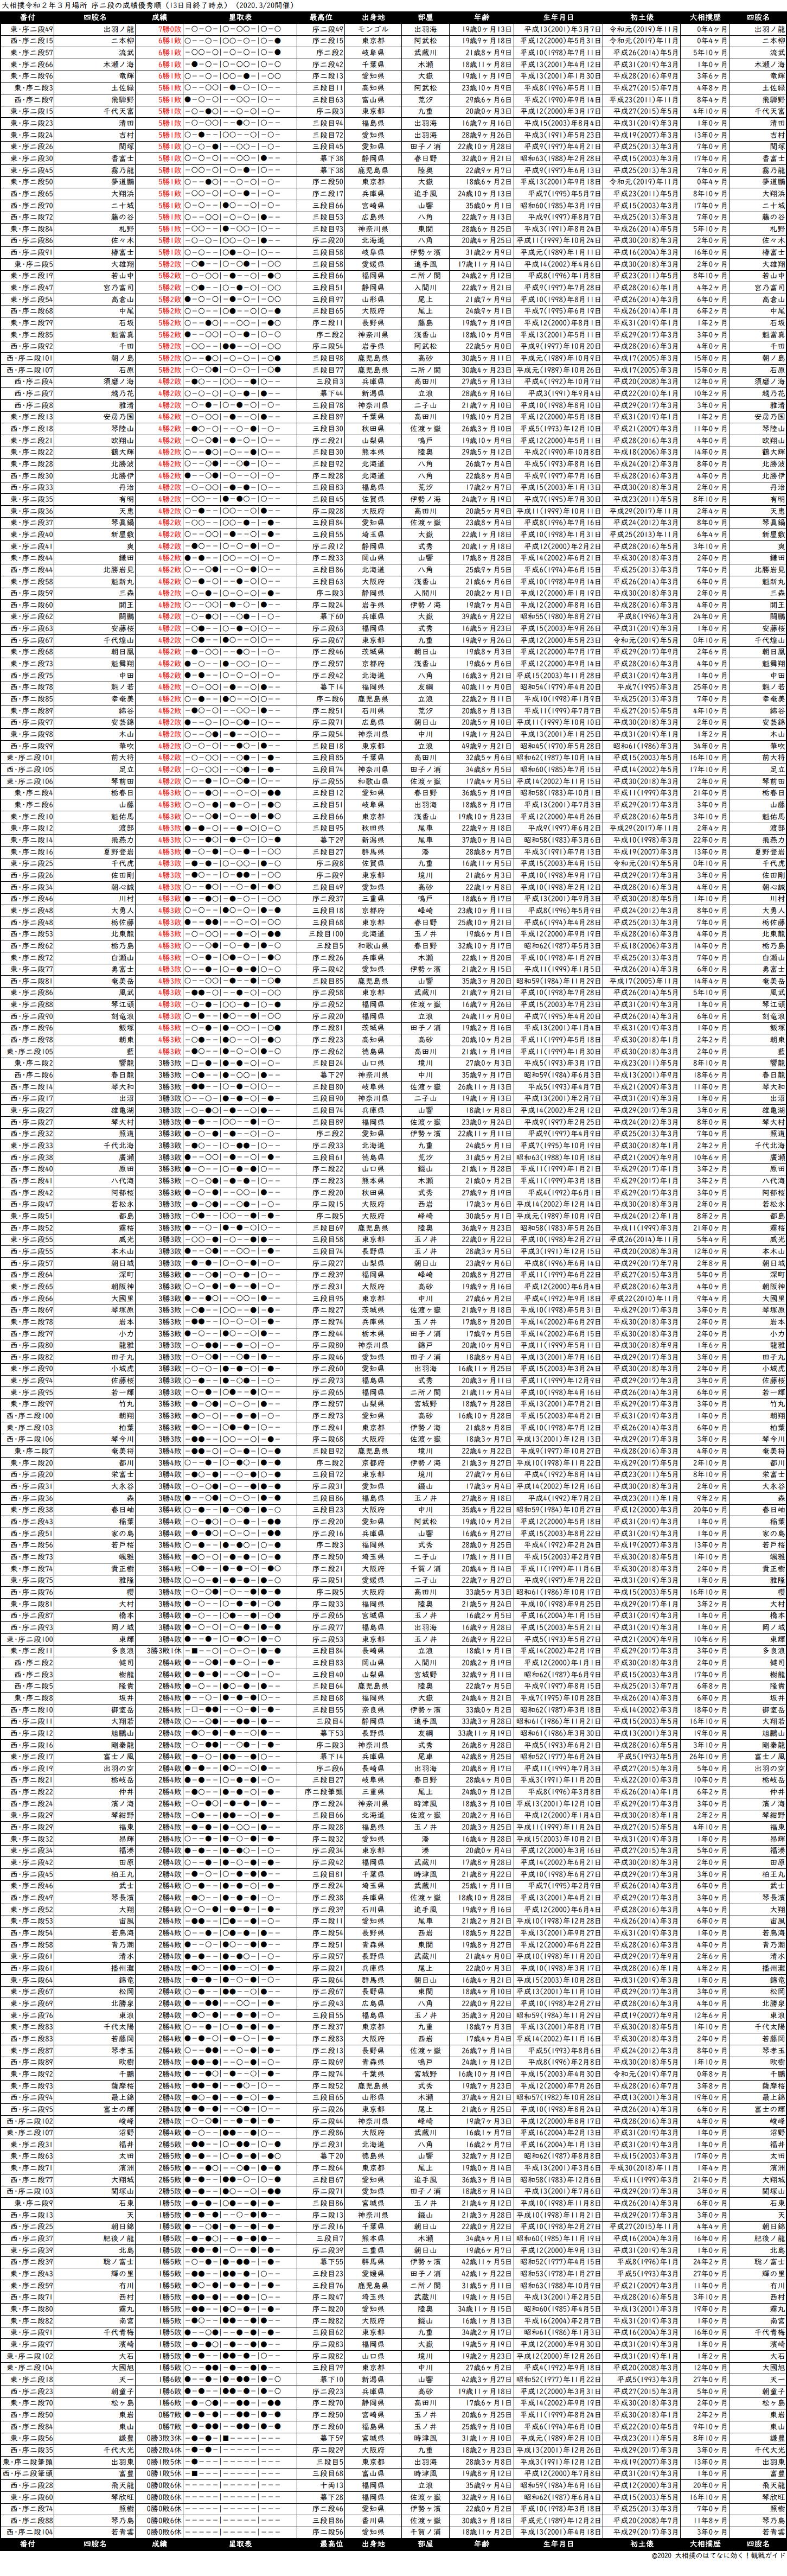 序二段成績順一覧表・2020年3月場所13日目